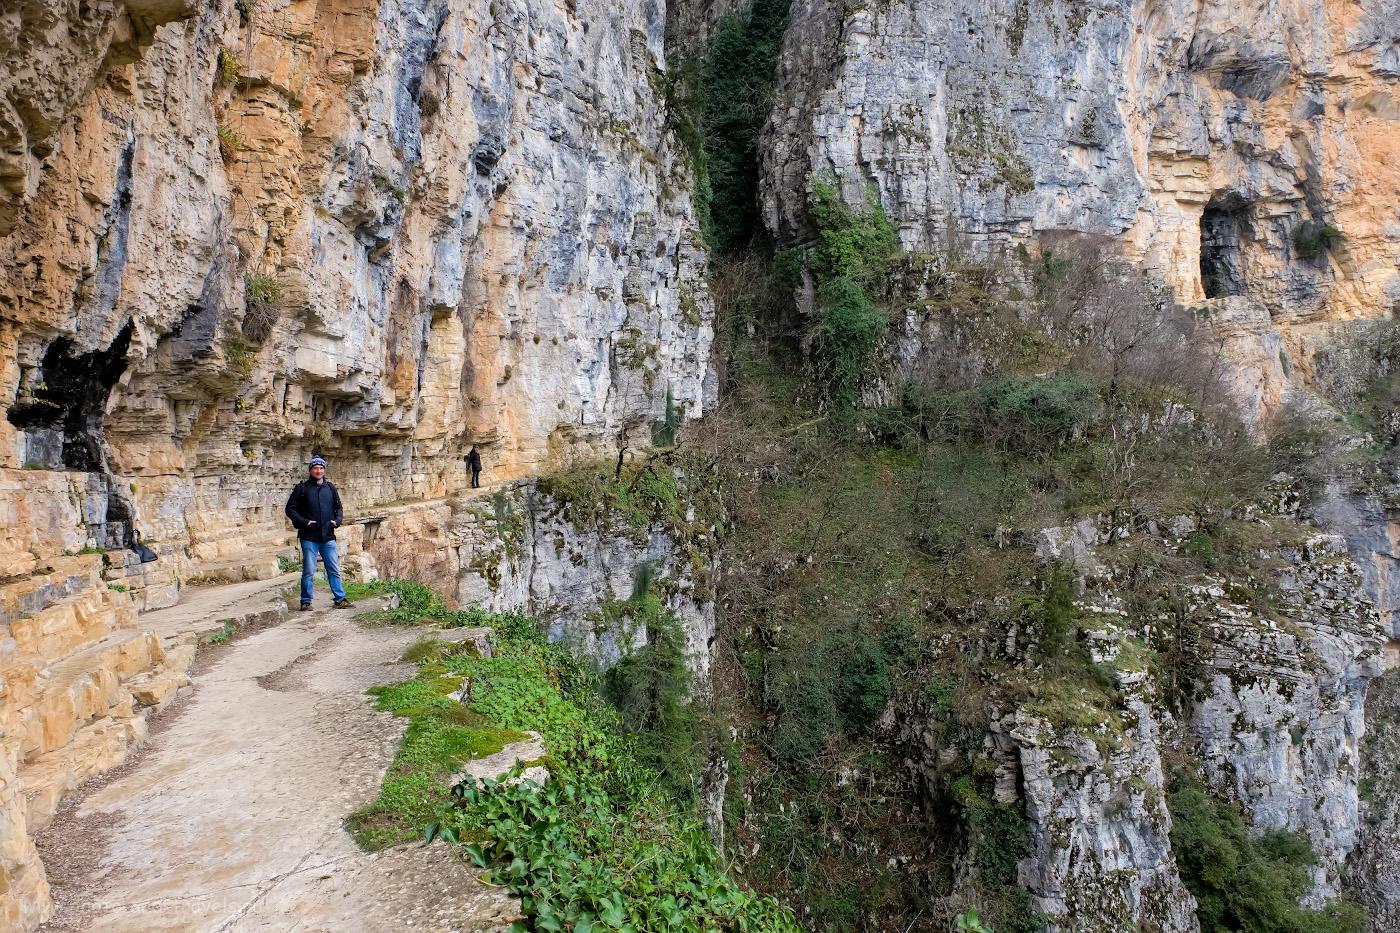 28. За моей спиной – те самые дощечки в ущелье Викос в Греции. Какие альтернативы существуют каньону Тазы в Турции? 1/100, 8.0, 1250, -0.67, 16.